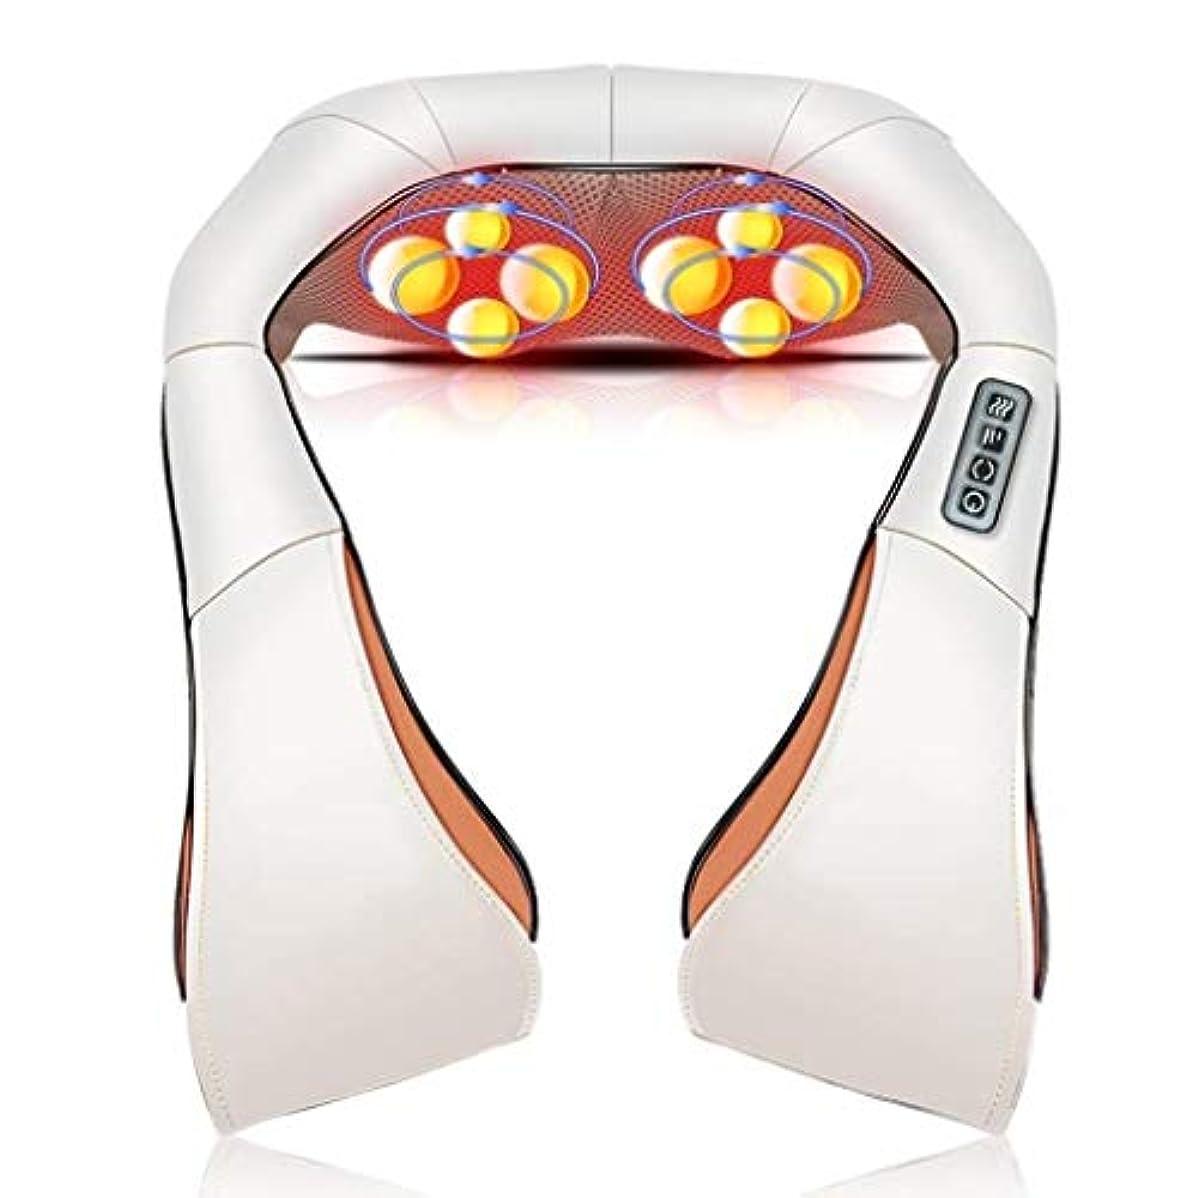 件名ふさわしい報酬電動ネックマッサージ、多機能加熱/振動マッサージ、調節可能な筋力、背中、肩、足、足、痛みの緩和に適しています